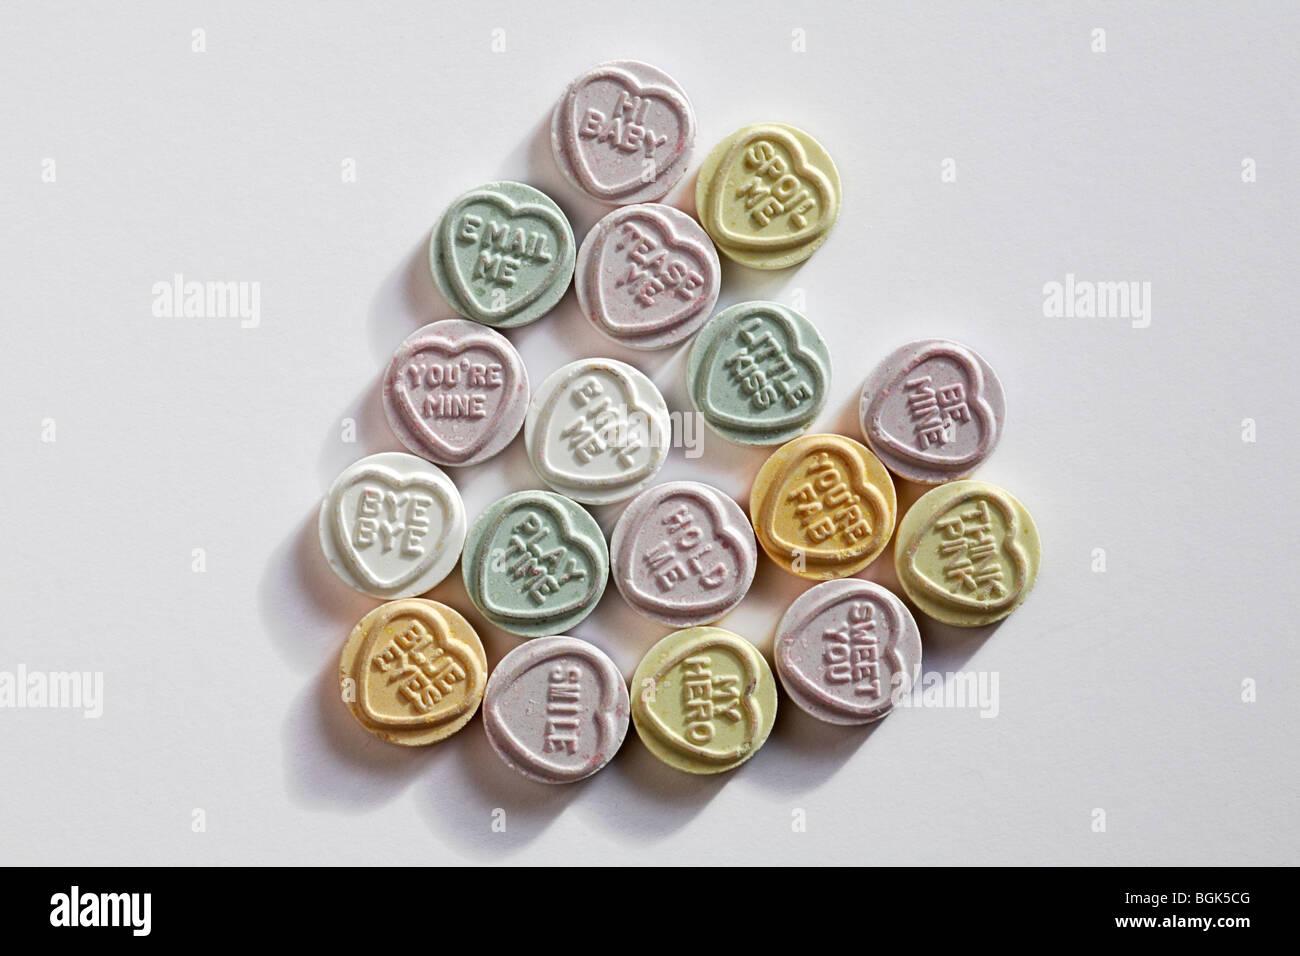 Schatz süsses Herz-Liebe Herz Bonbons mit Meldungen, in Form eines Herzens für Valentines Tag arrangiert, Valentinstag Stockfoto